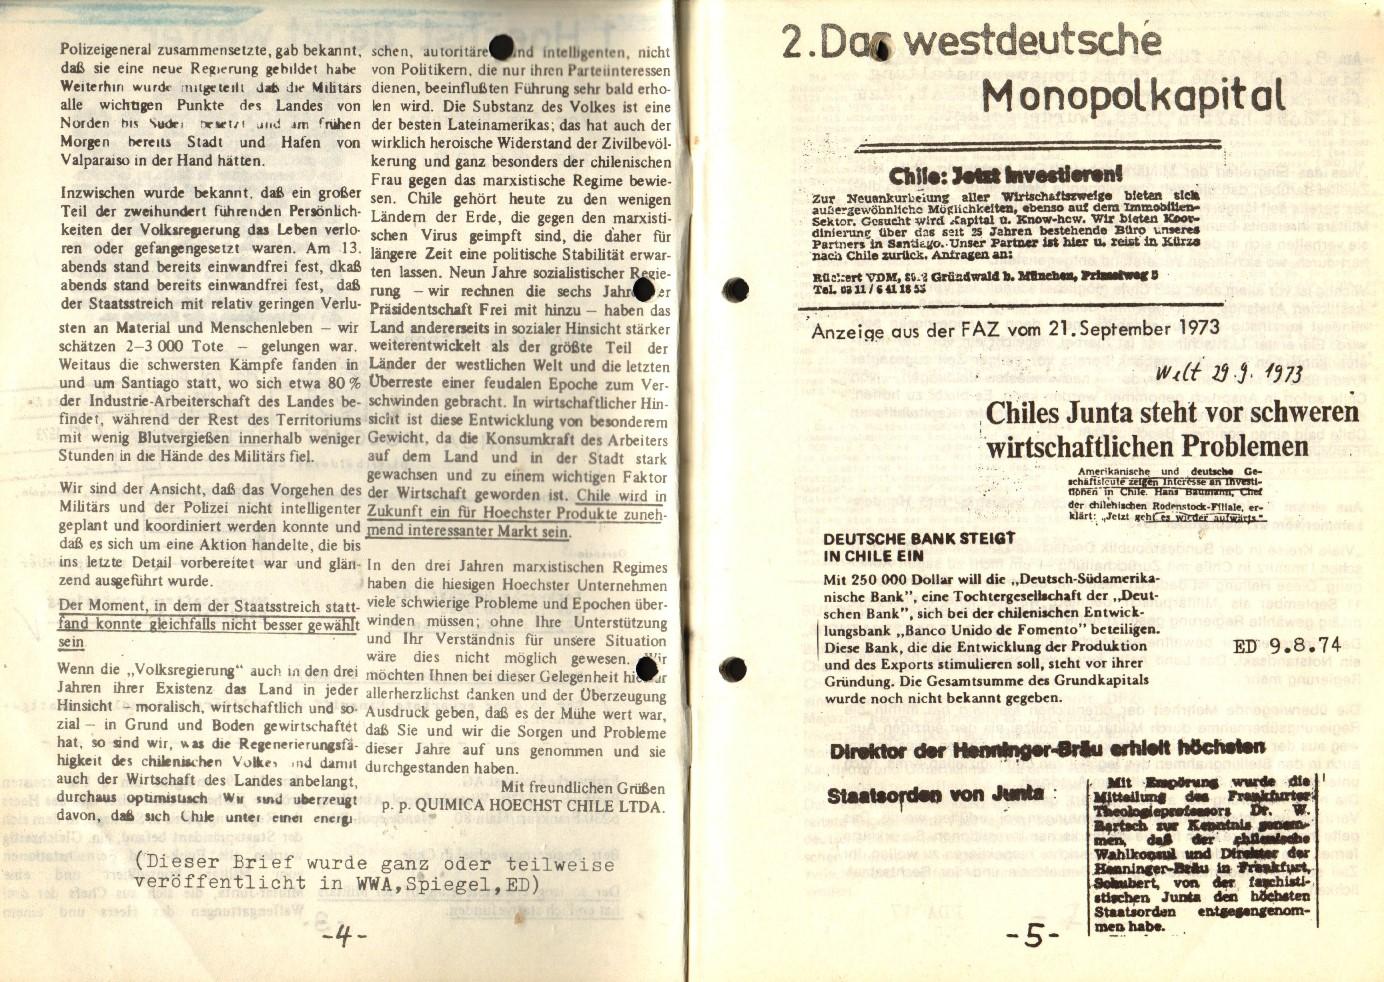 Duisburg_ML_1974_Die_Feinde_des_chilenischen_Volkes_03